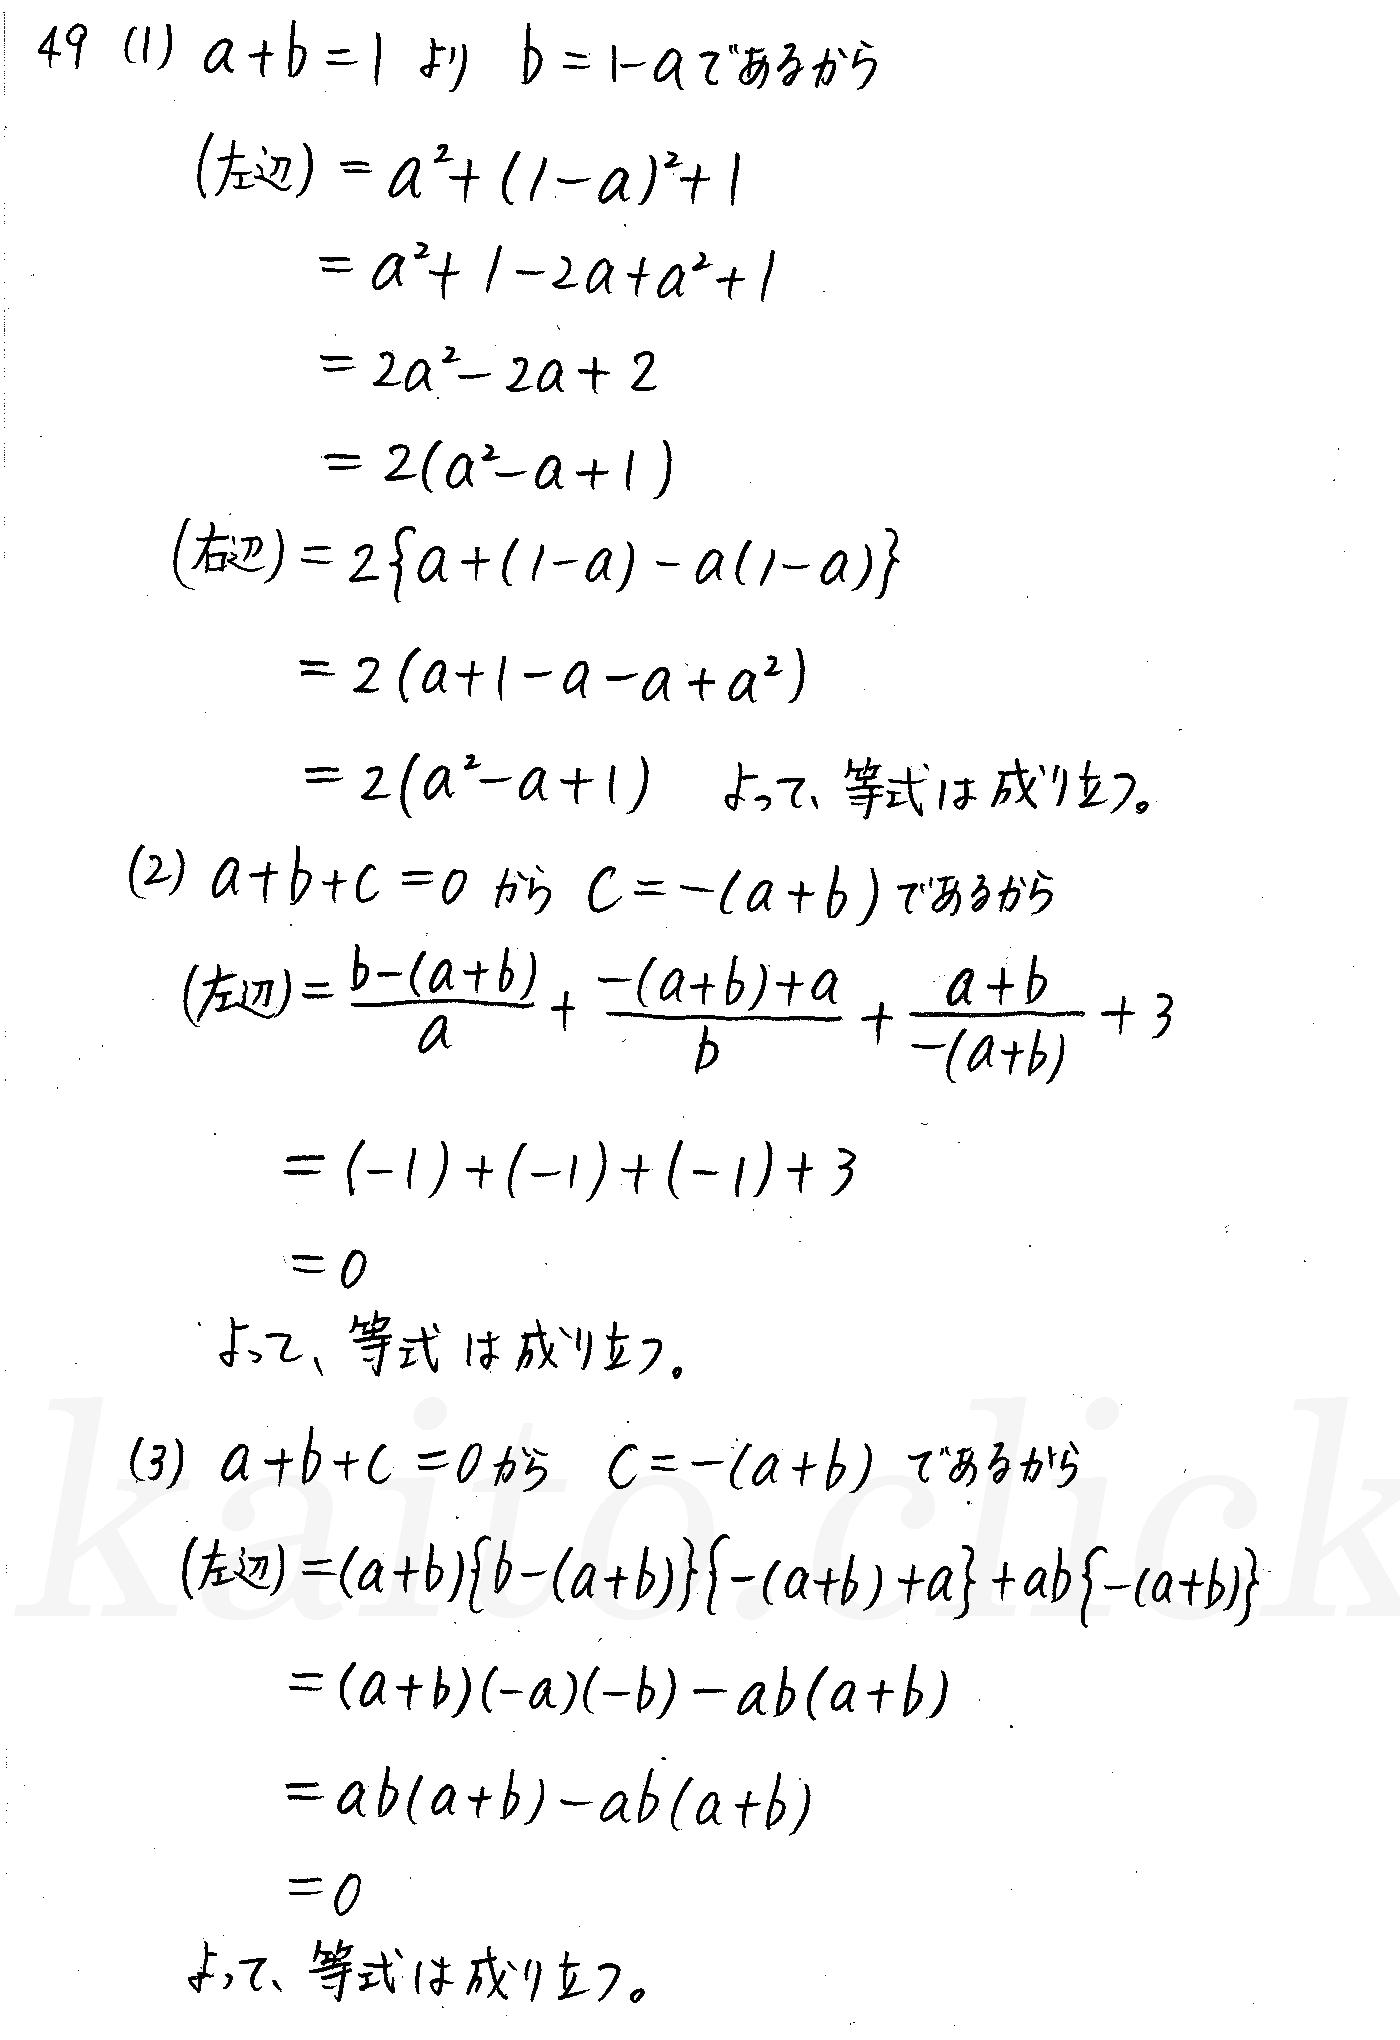 クリアー数学2-49解答